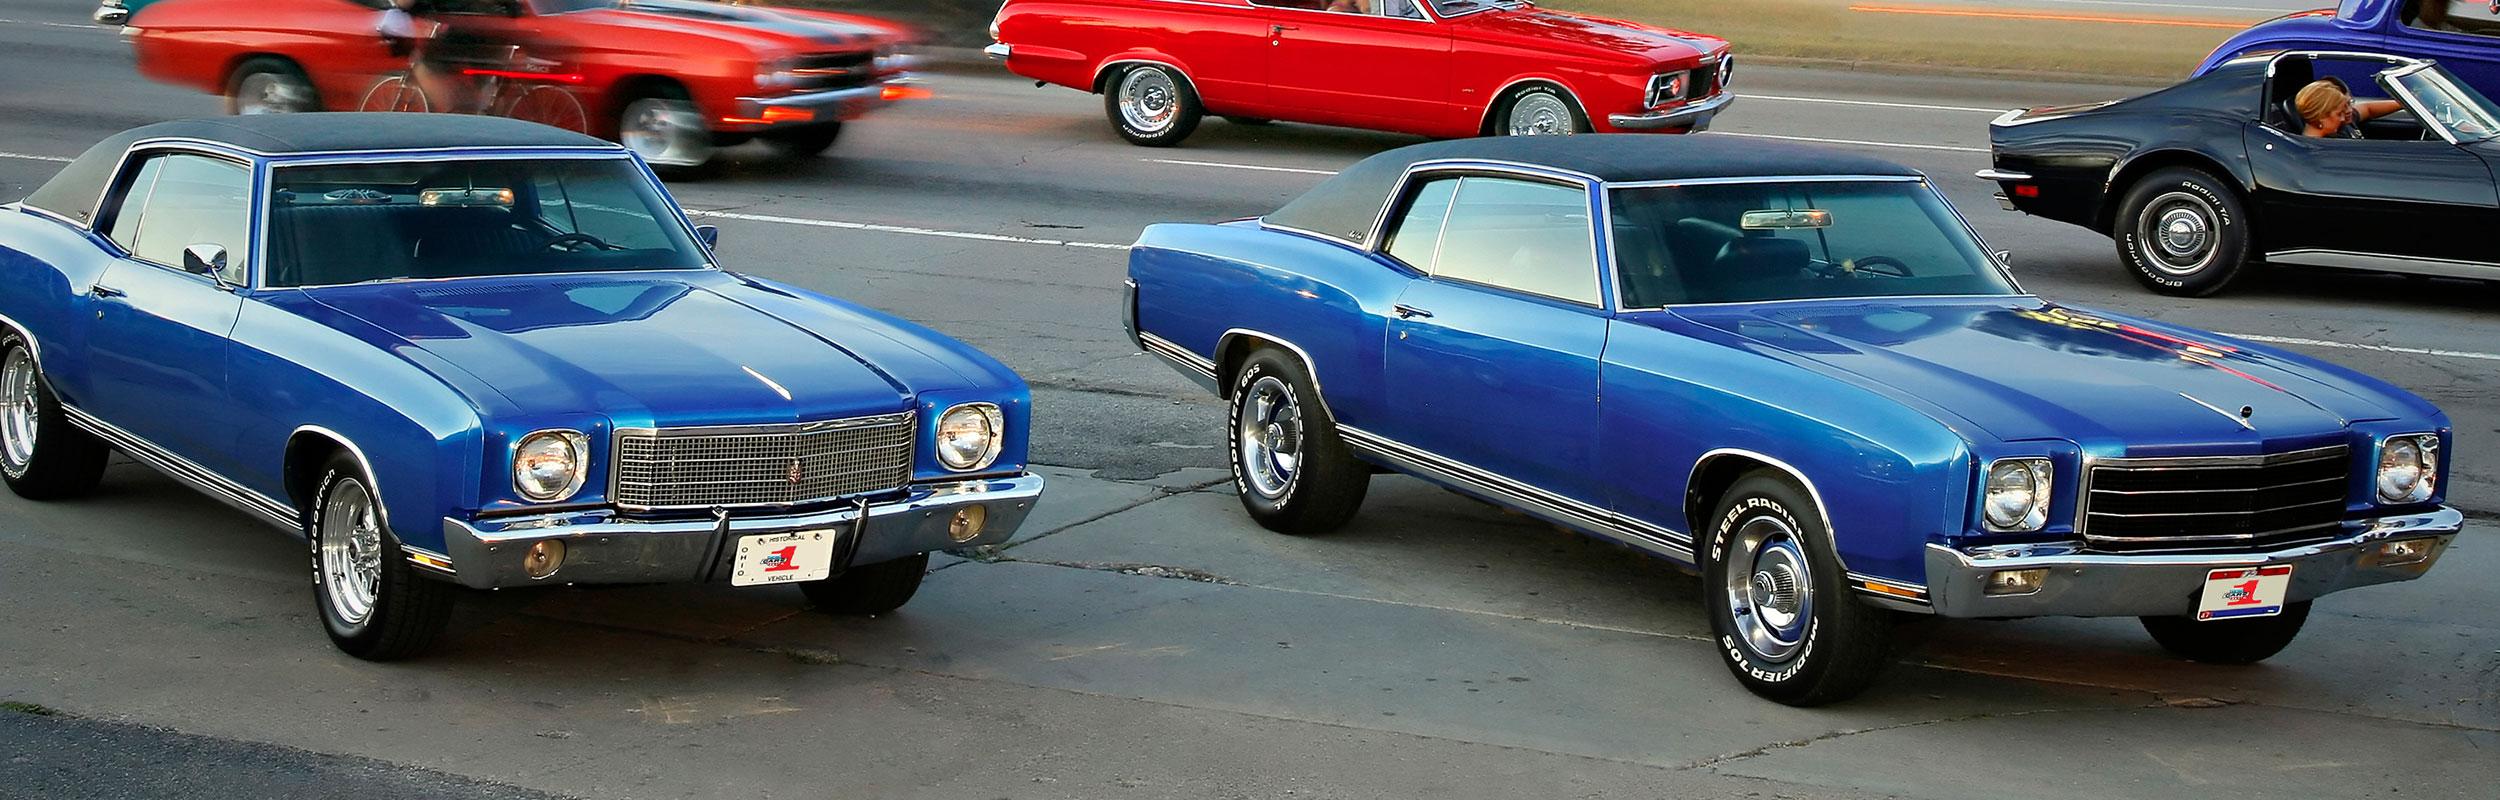 1970-1972 Monte Carlo